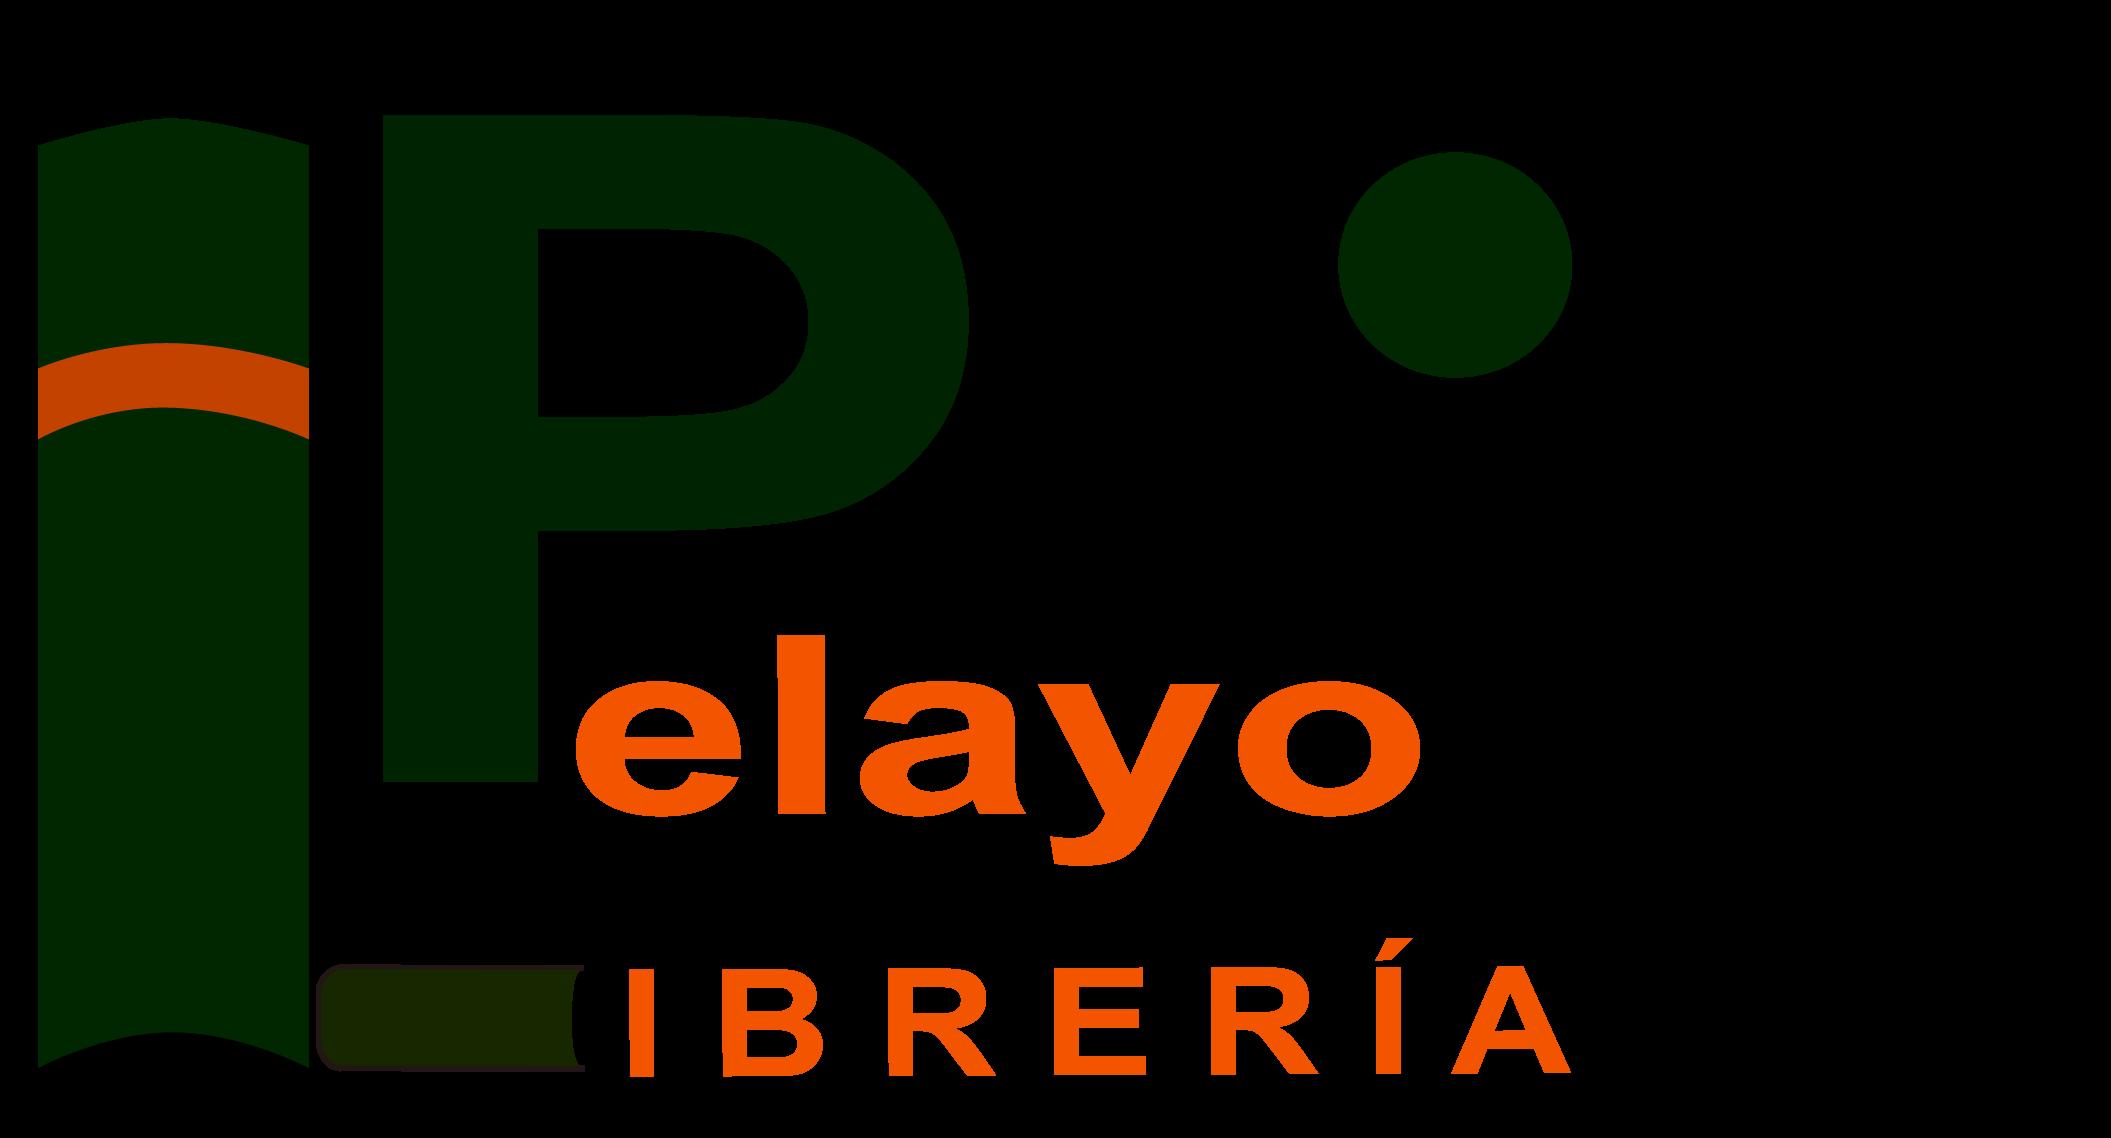 LIBRERIA PELAYO